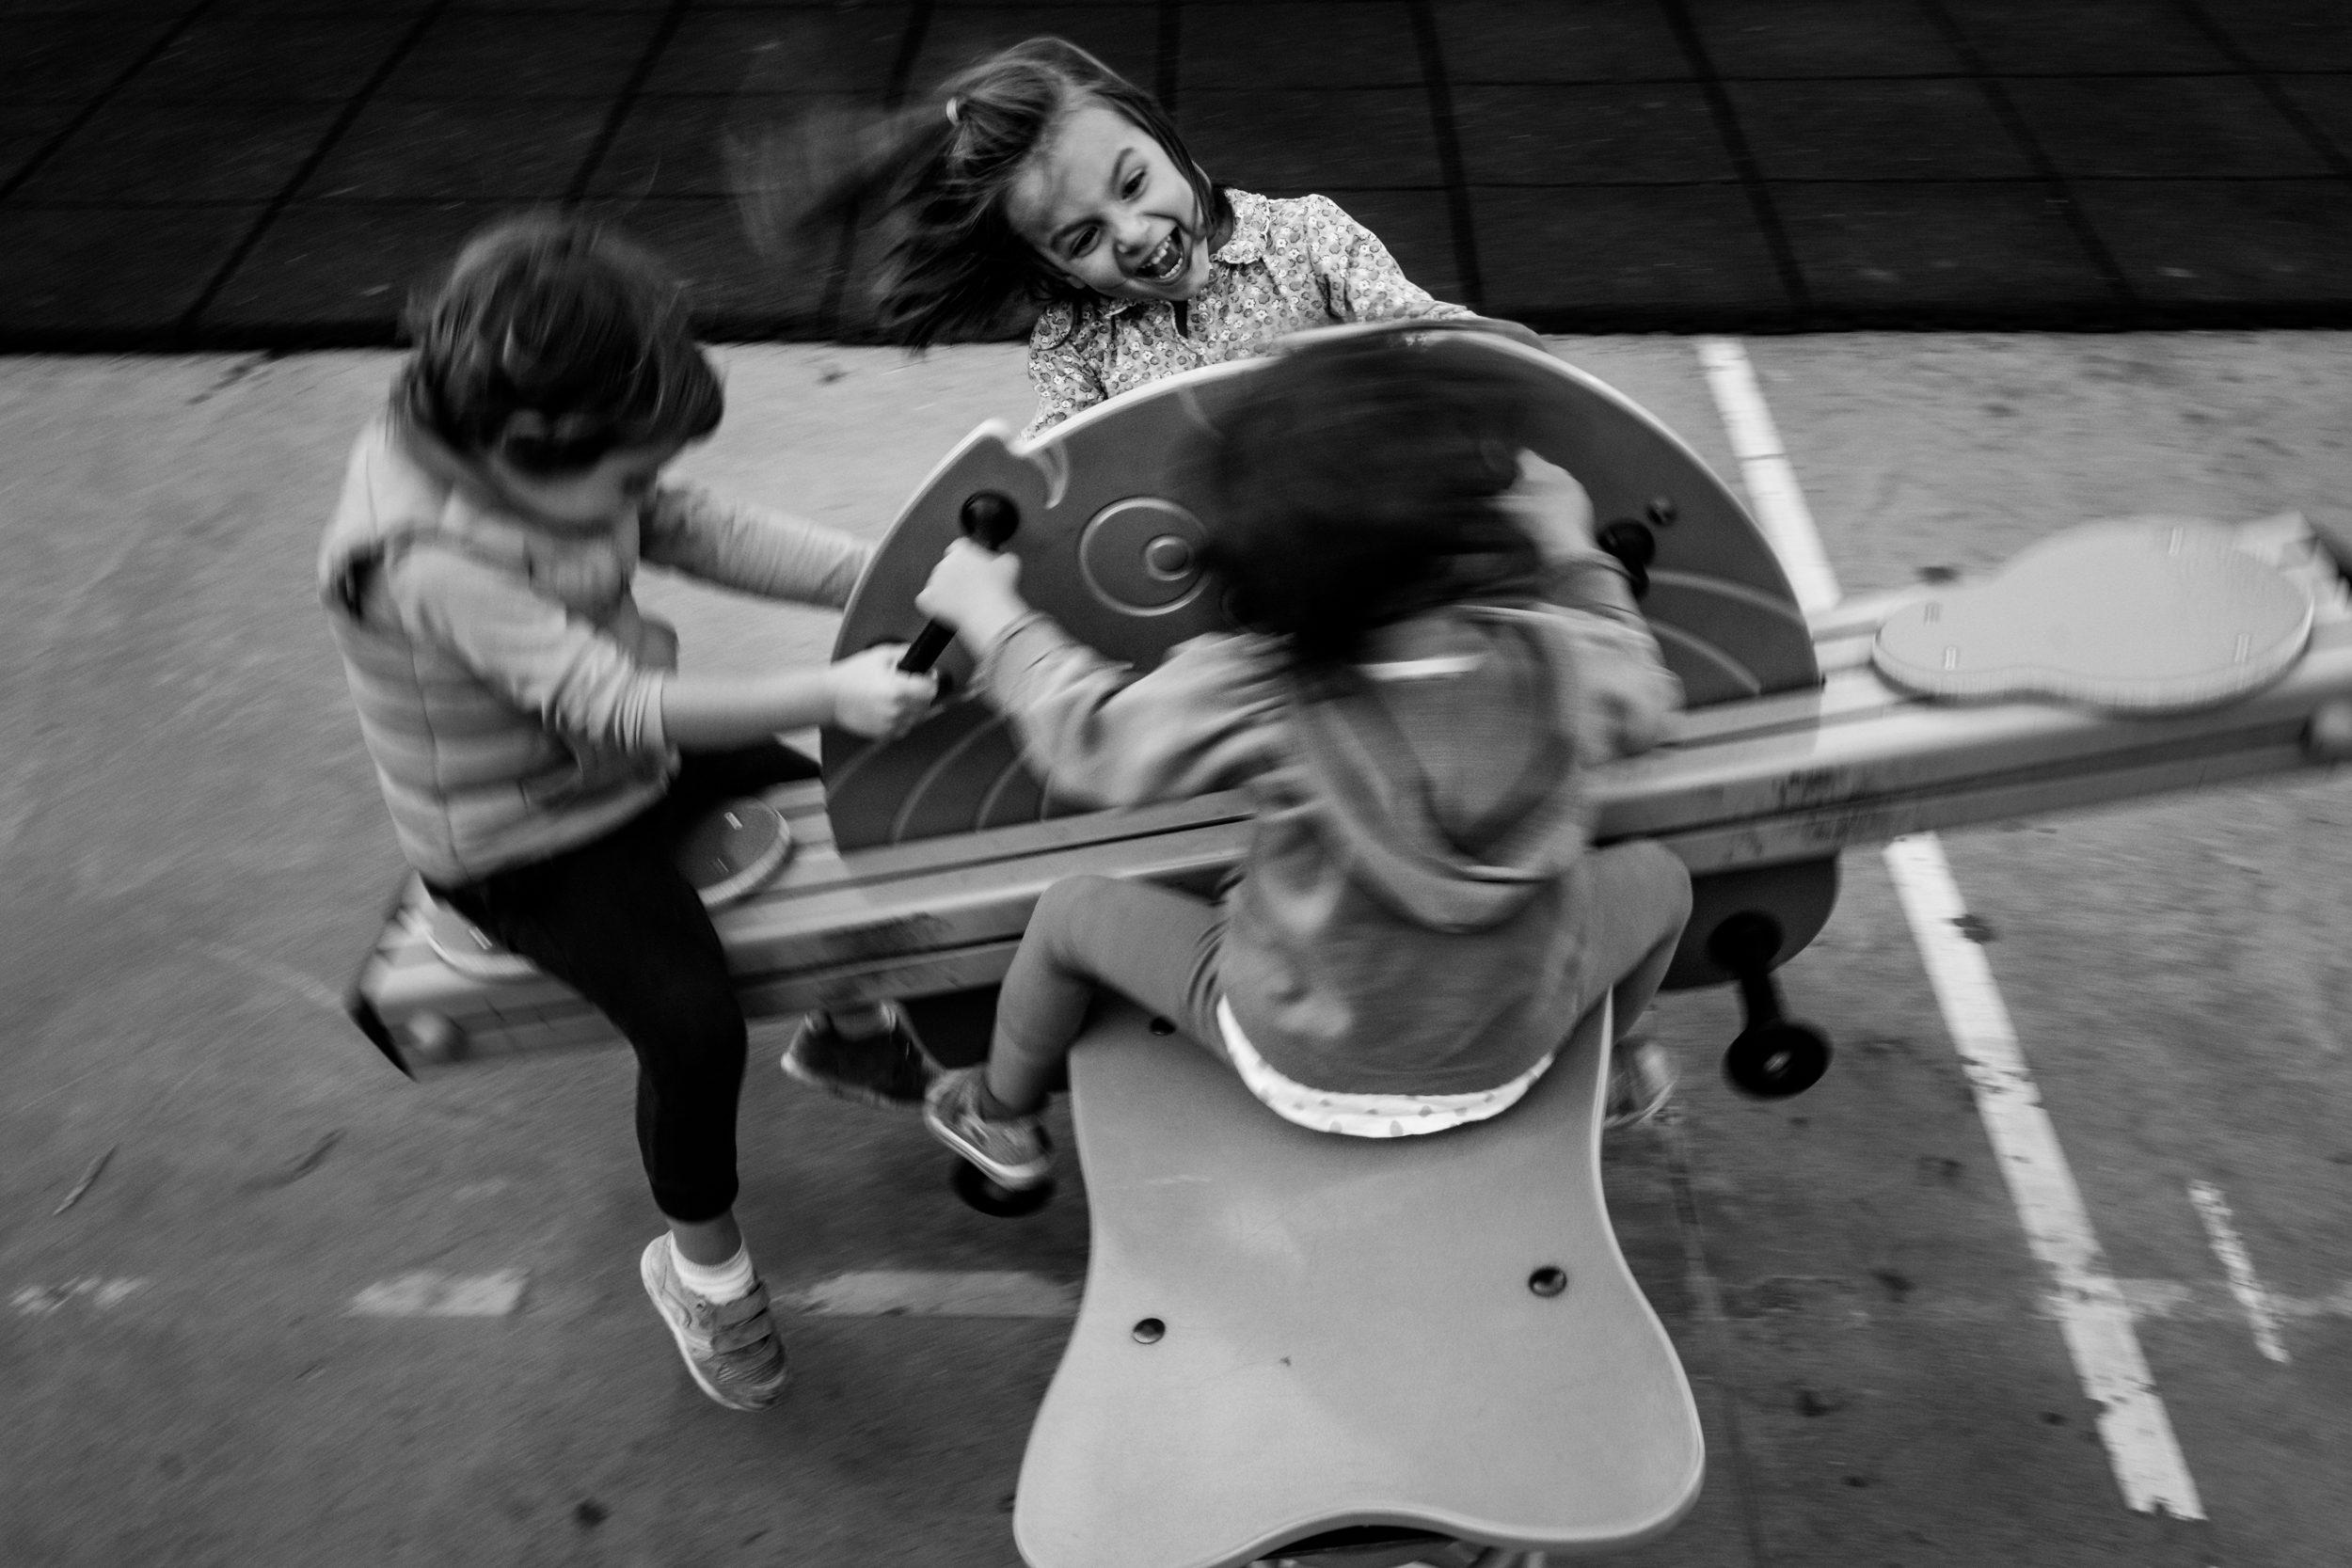 cos'e' la fotografia documentaria per famiglie? - il racconto visivo della vostra vita, senza filtri né interferenze, perché la vita coi bambini è meravigliosa, perché le nostre giornate sono piene di piccoli momenti straordinari. E non importa quanto stancante o caotica possa essere, tra qualche anno vorremo RICORDARE…